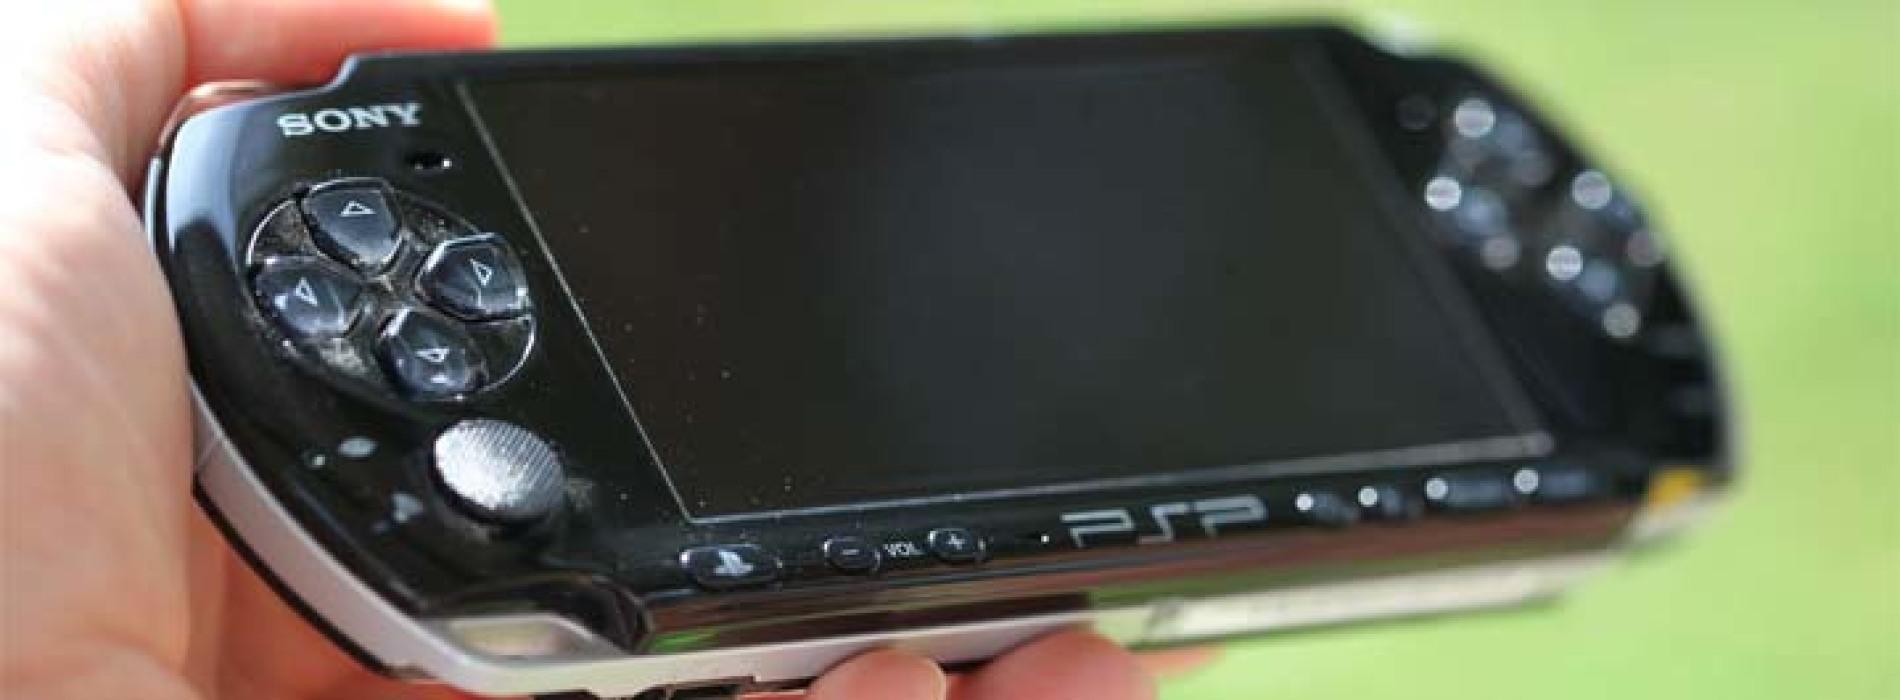 Ремонт Sony PSP